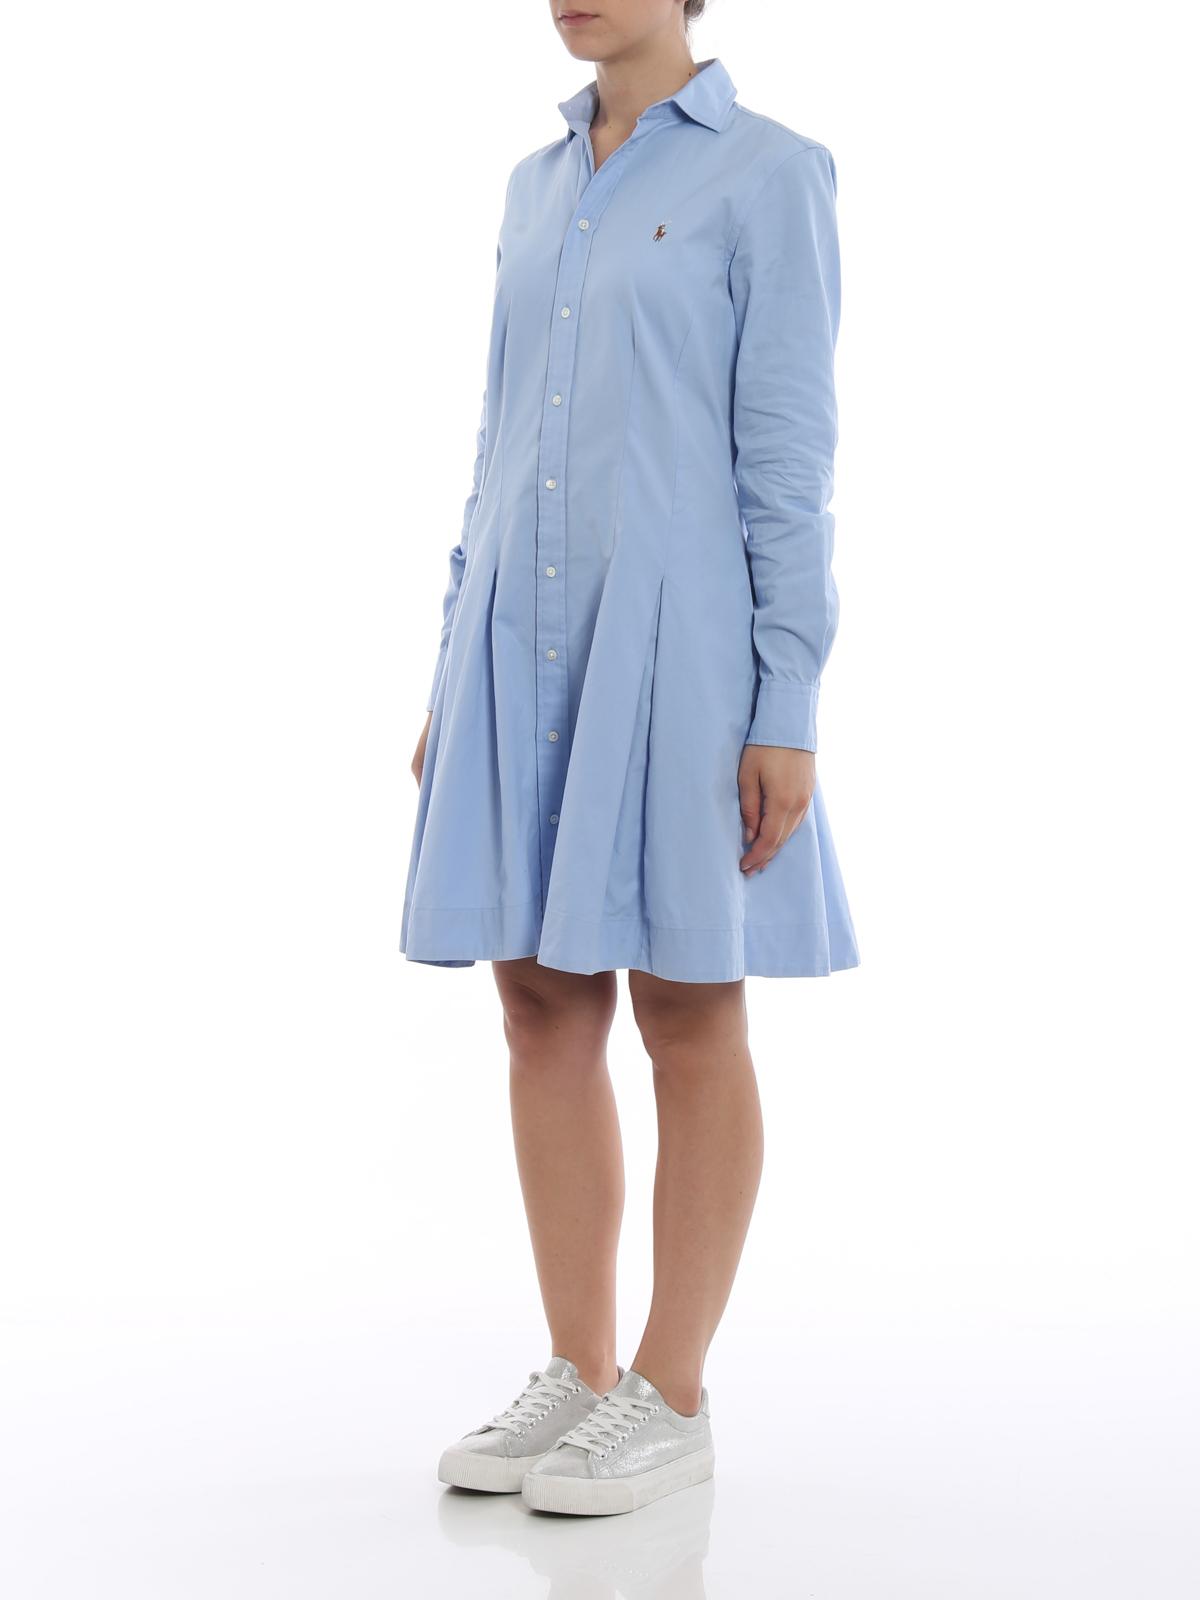 Polo Ralph Lauren Oxford Cotton Shirt Dress Short Dresses